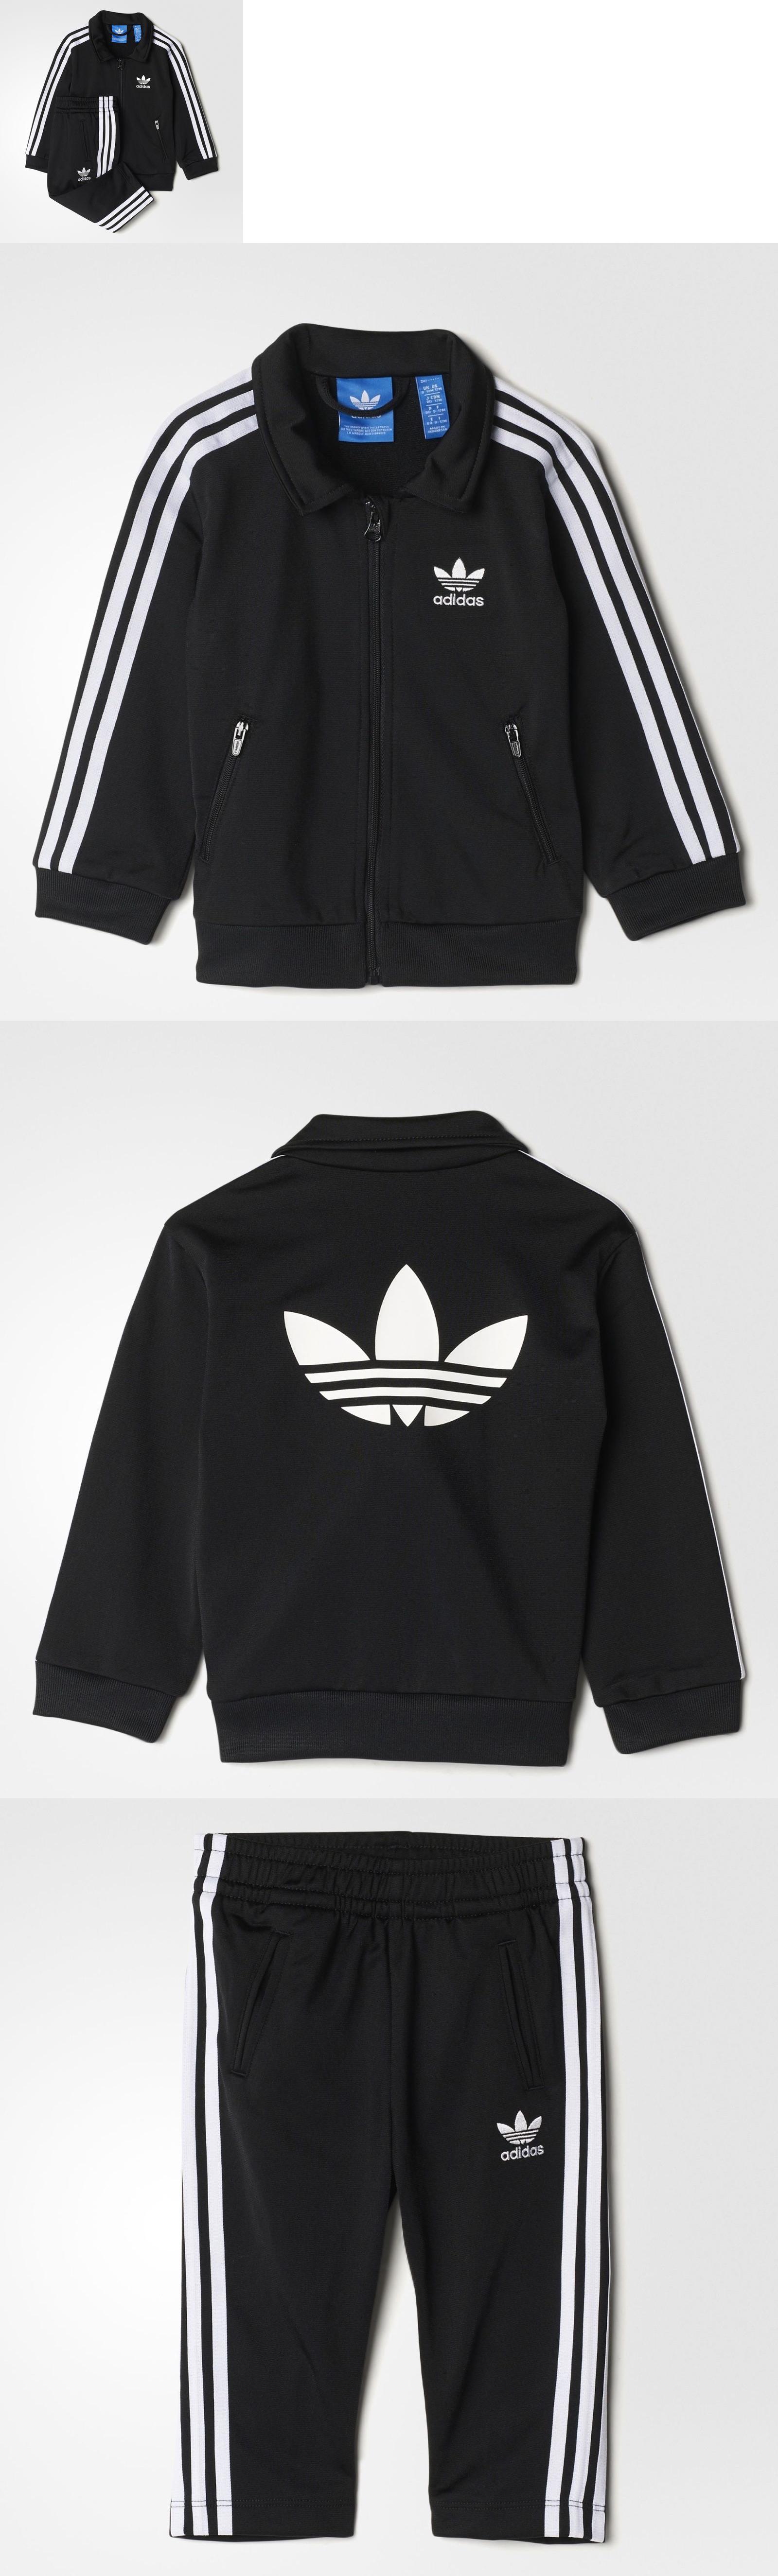 3ede78a64f Outfits and Sets 156790: New Adidas Originals Boys Kids Firebird ...